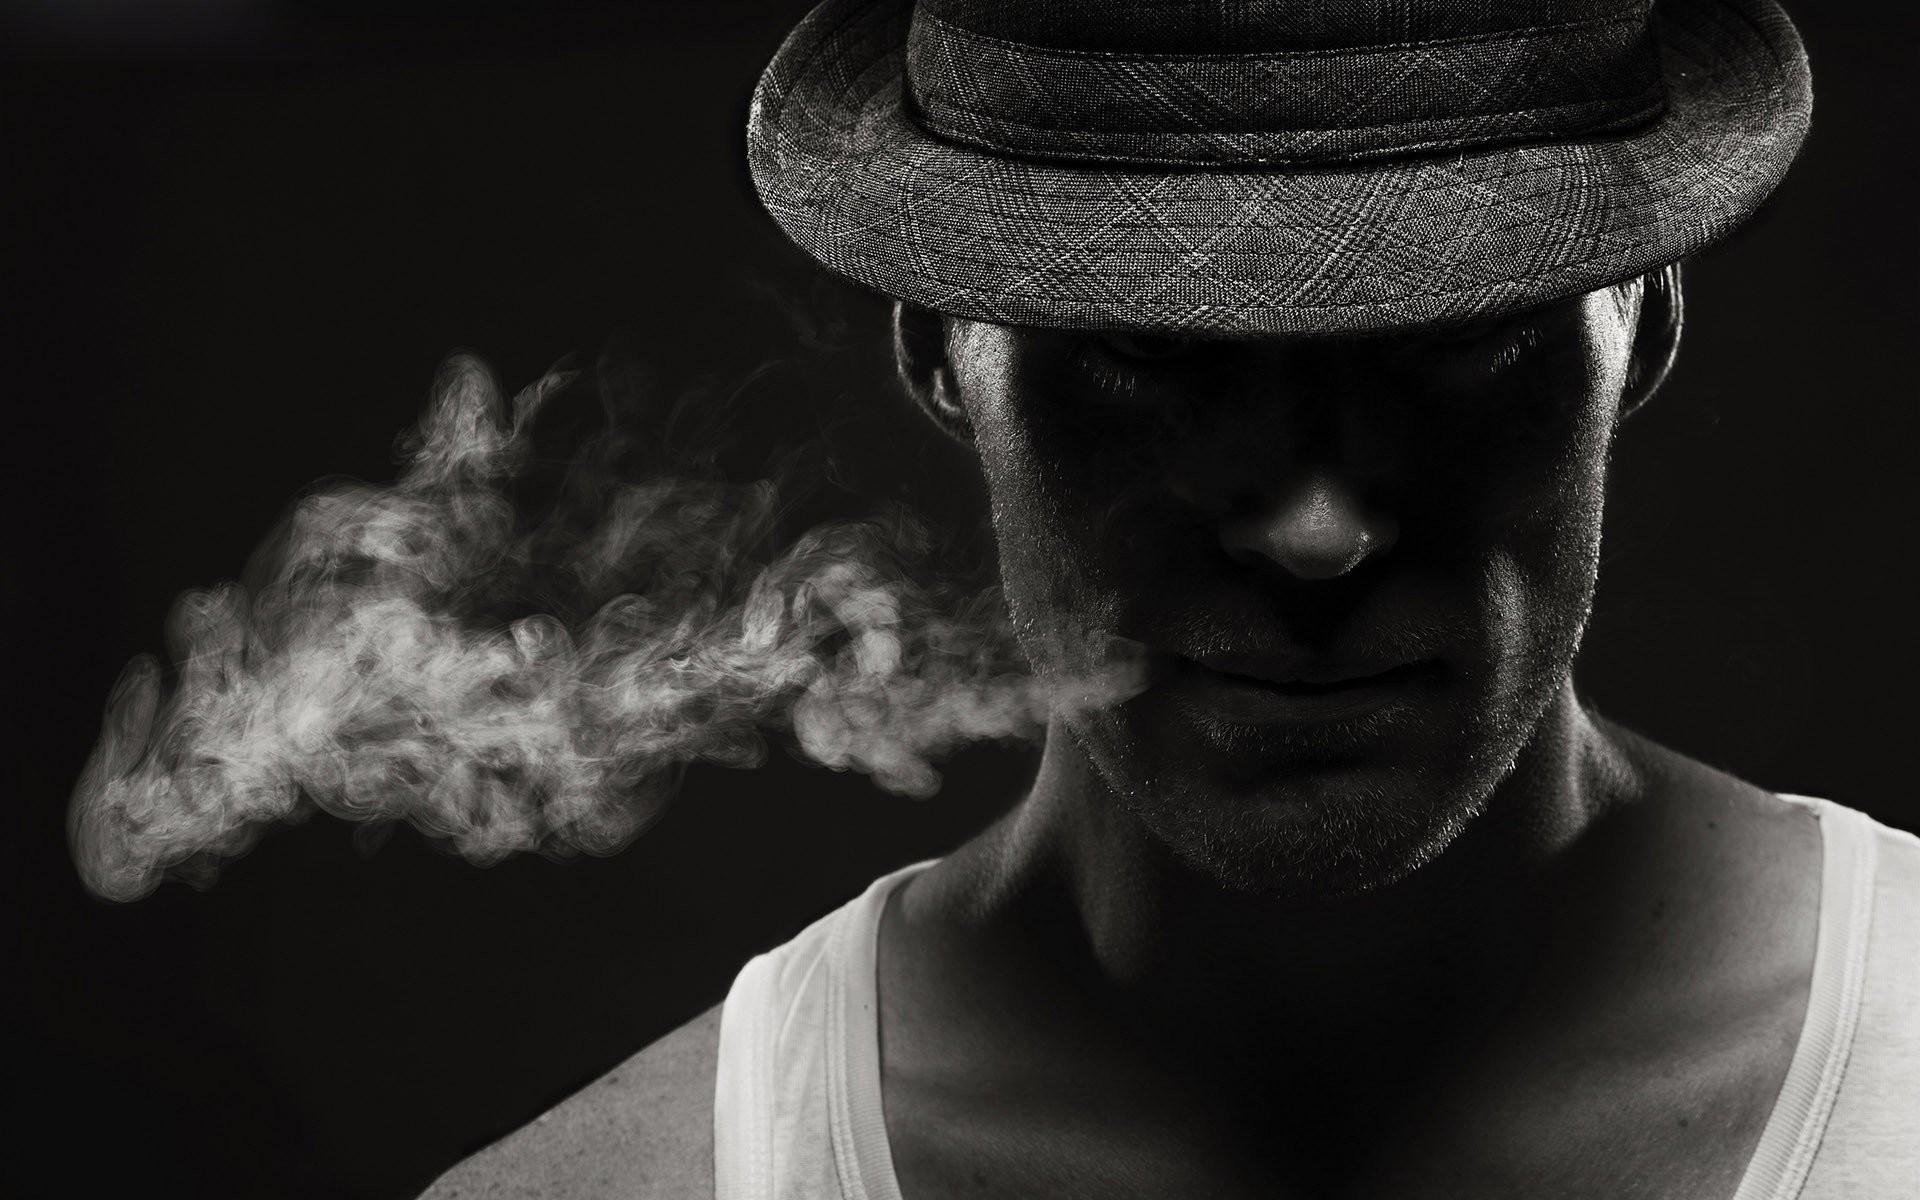 новые лучший картинки для авы мужчинам воспалительного